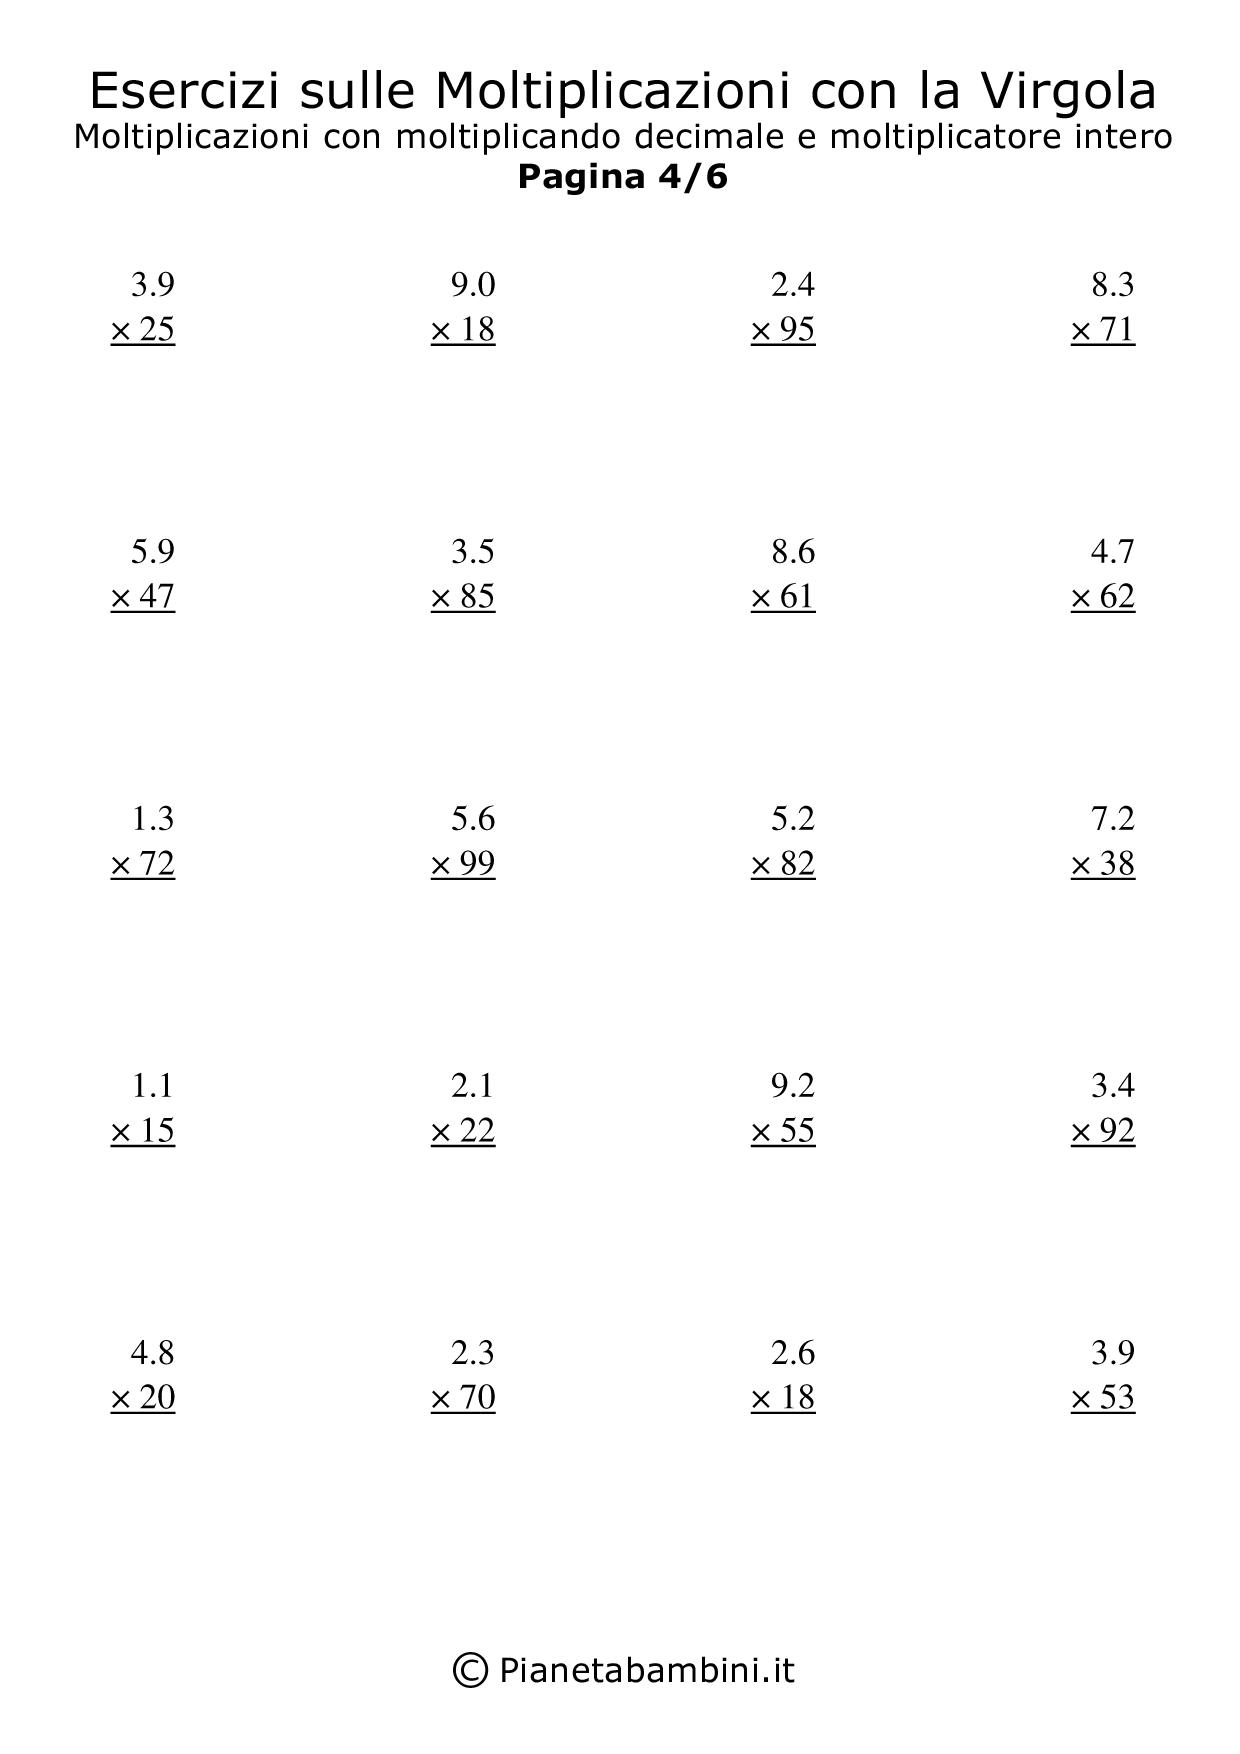 Moltiplicazioni-Virgola-Decimale-X-Intero_4